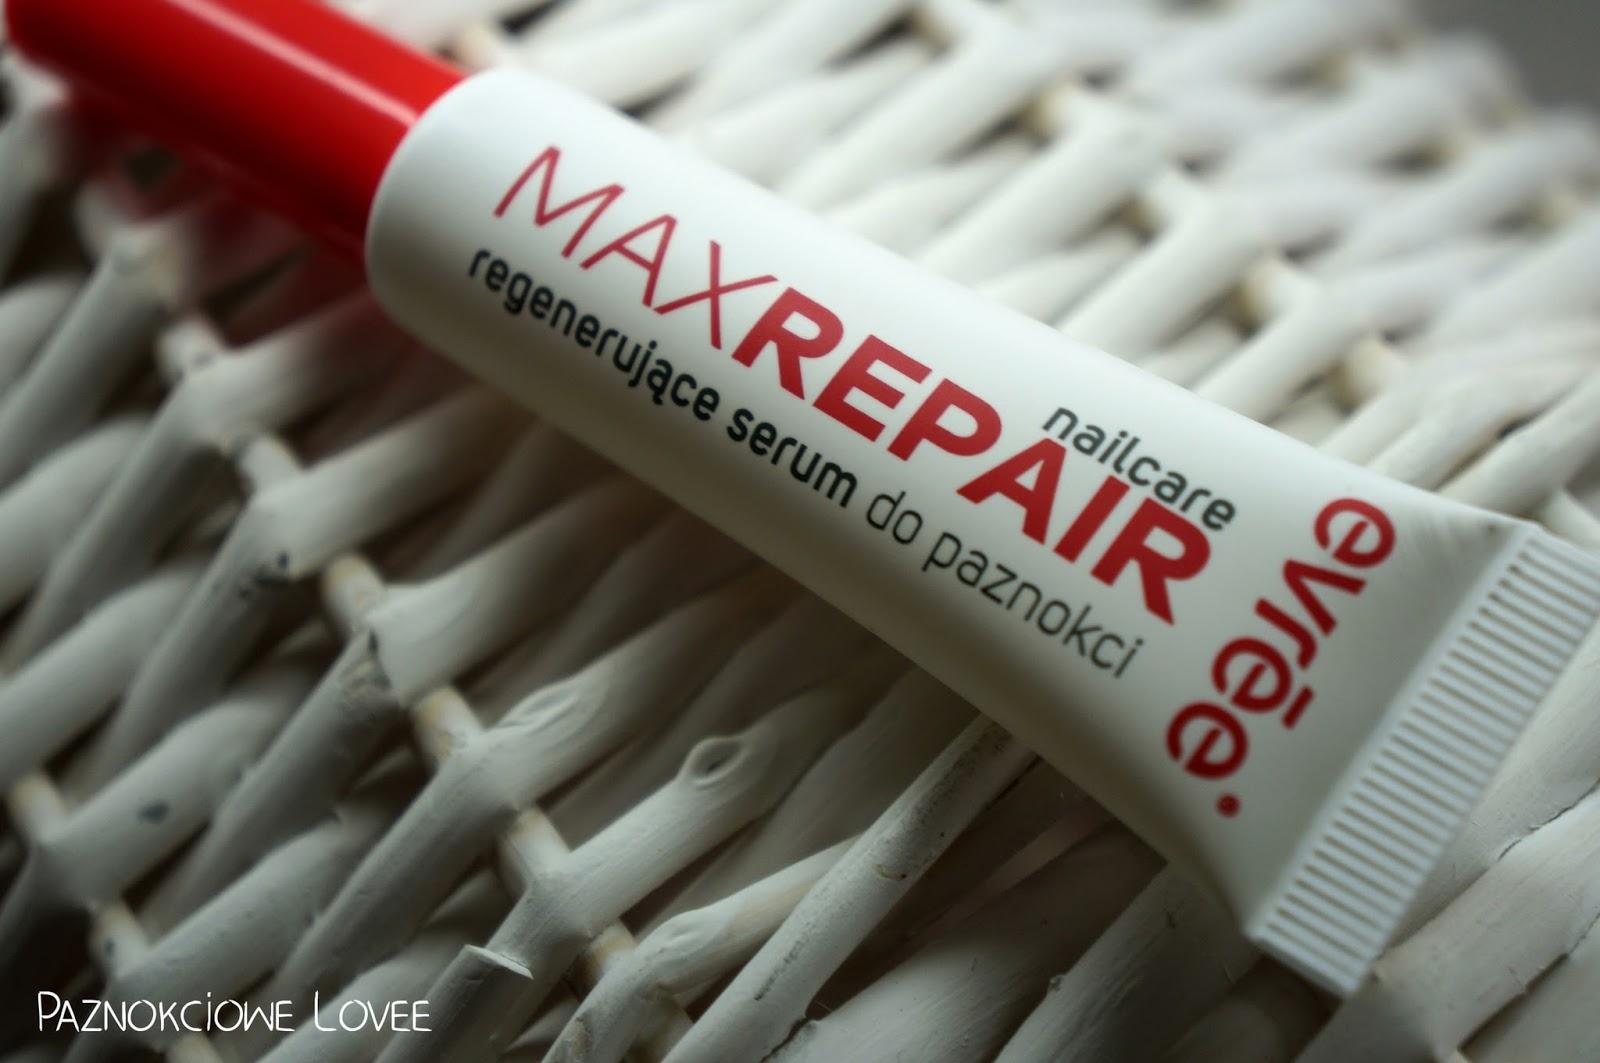 Max repair, regenerujące serum do paznokci Evrēe®, czyli dbamy o paznokcie.